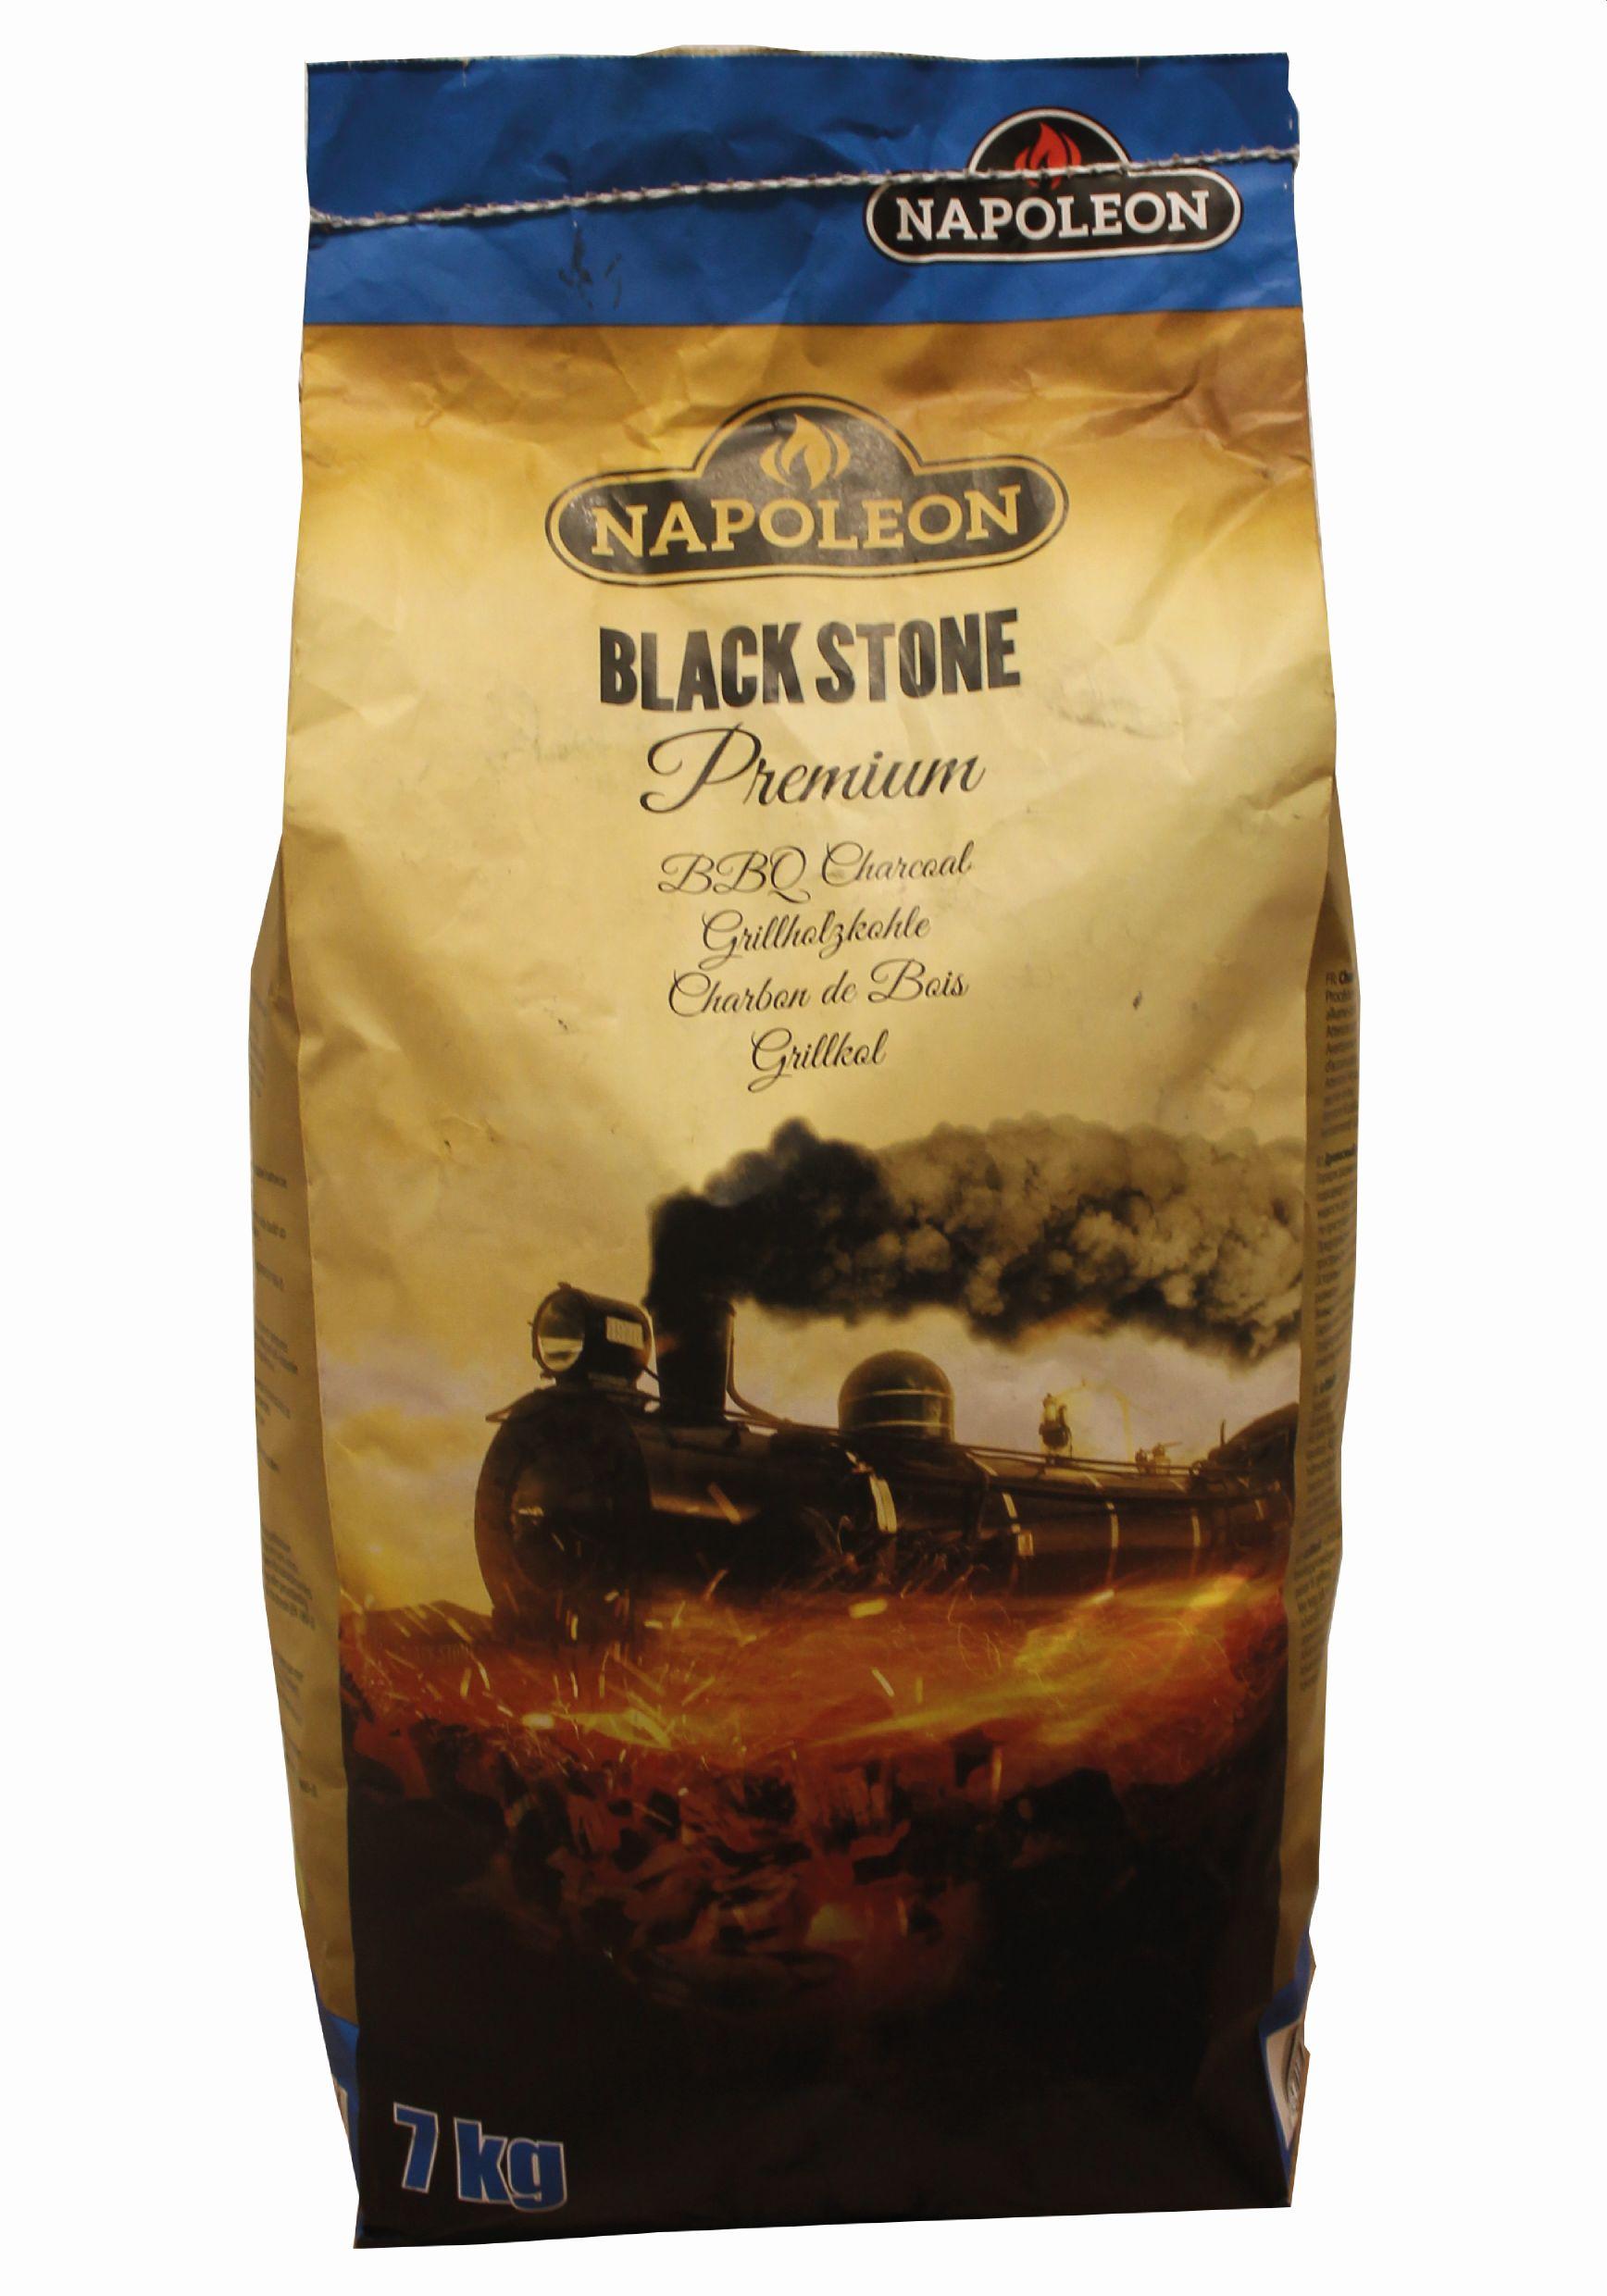 Napoleon blackstone Houtskool 7kg